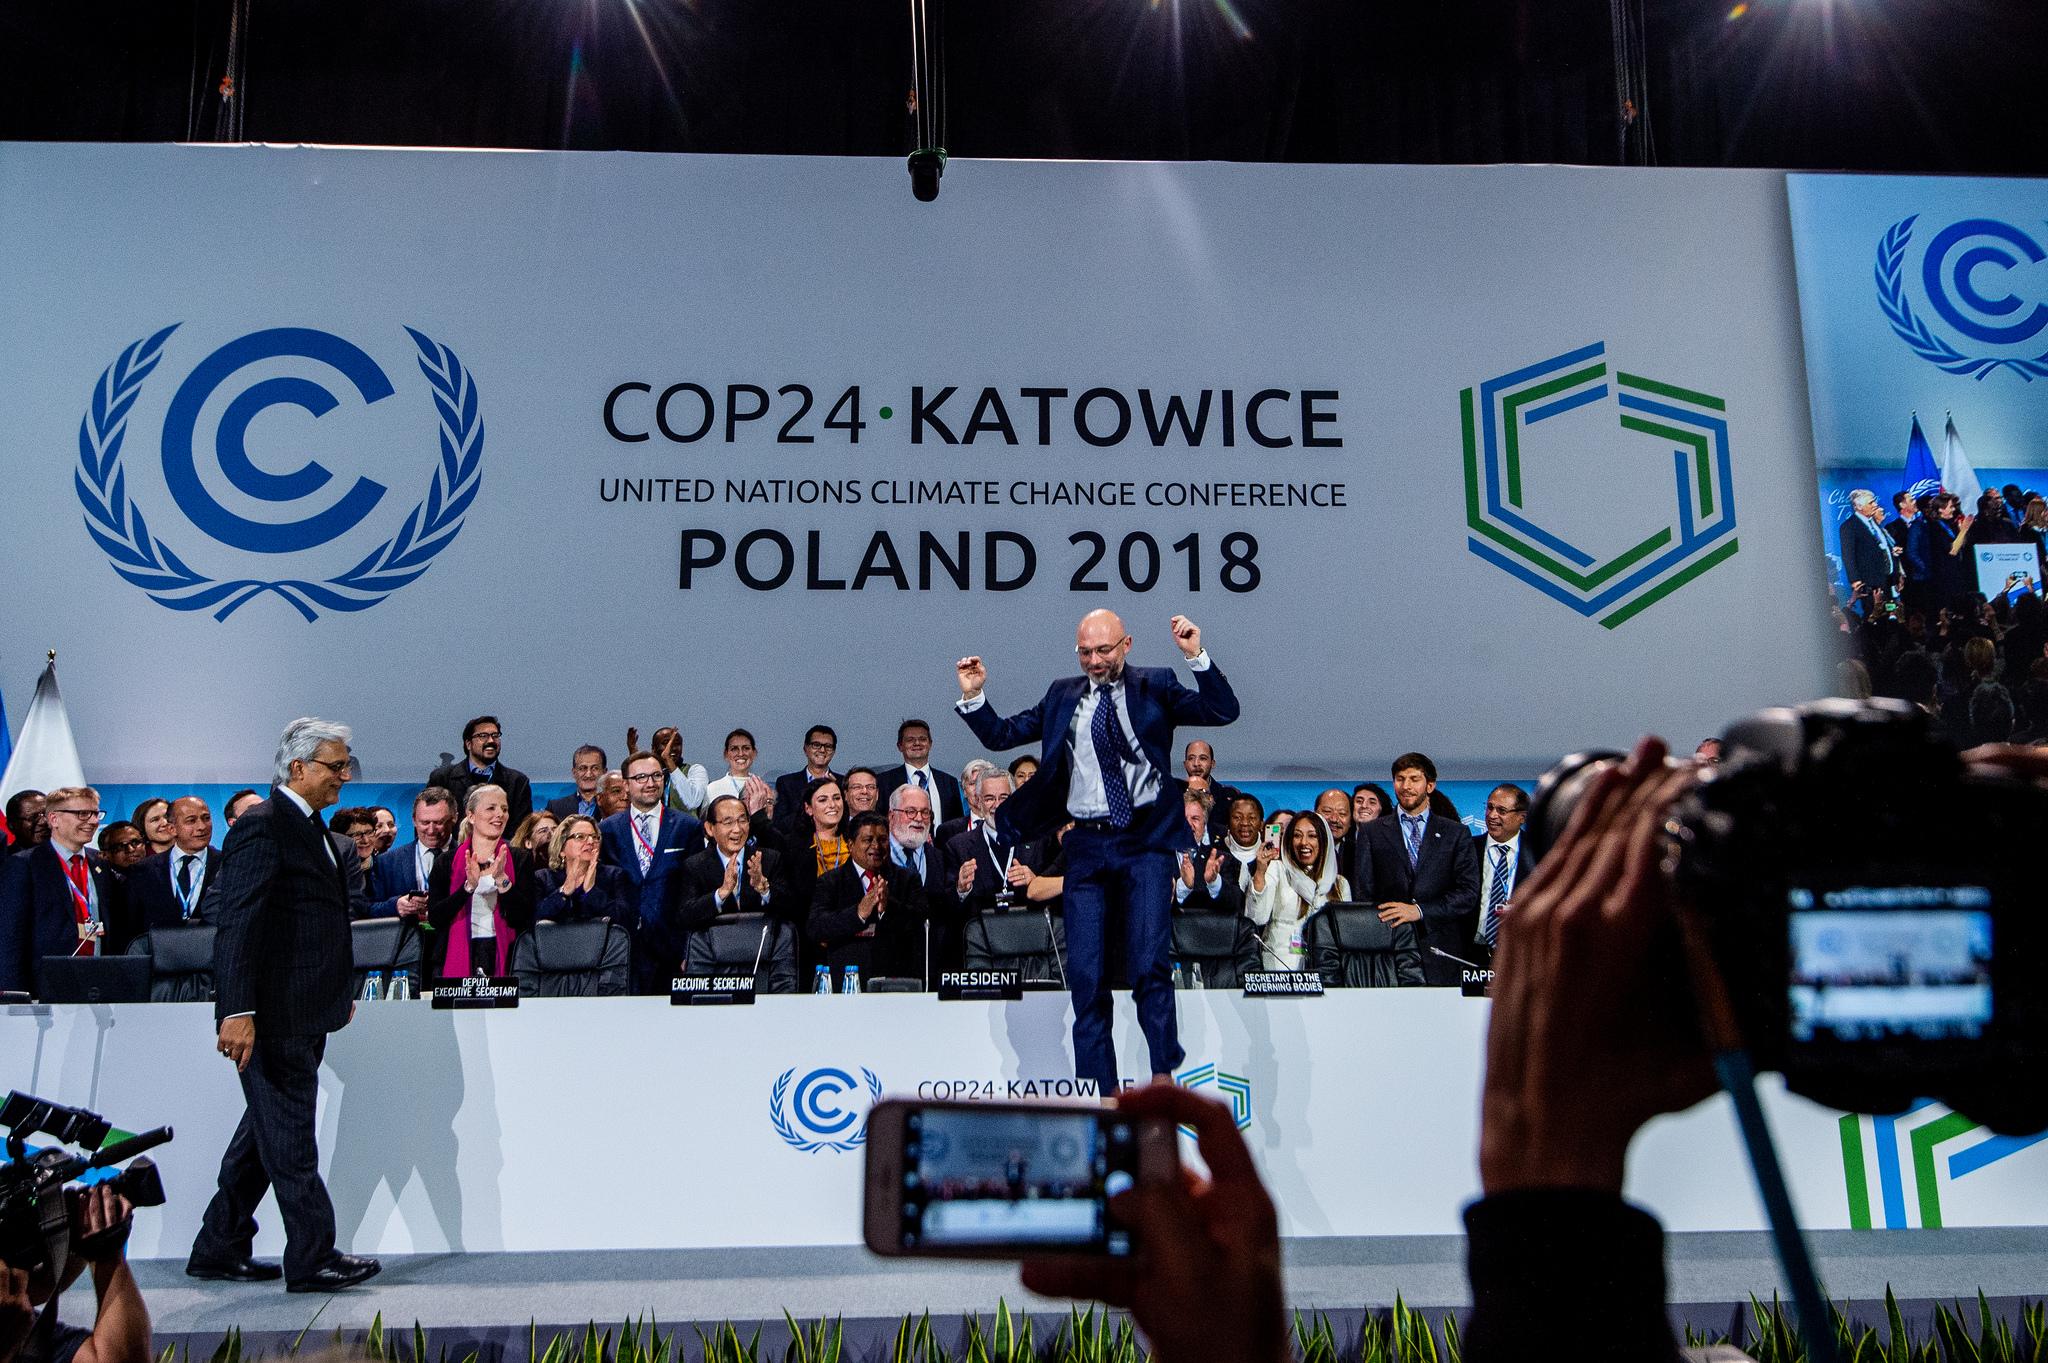 Radość z porozumienia podczas sesji plenarnej. Latający Michał Kurtyka tuż po przyjęciu dokumentu końcowego. Fot. COP24/Flickr